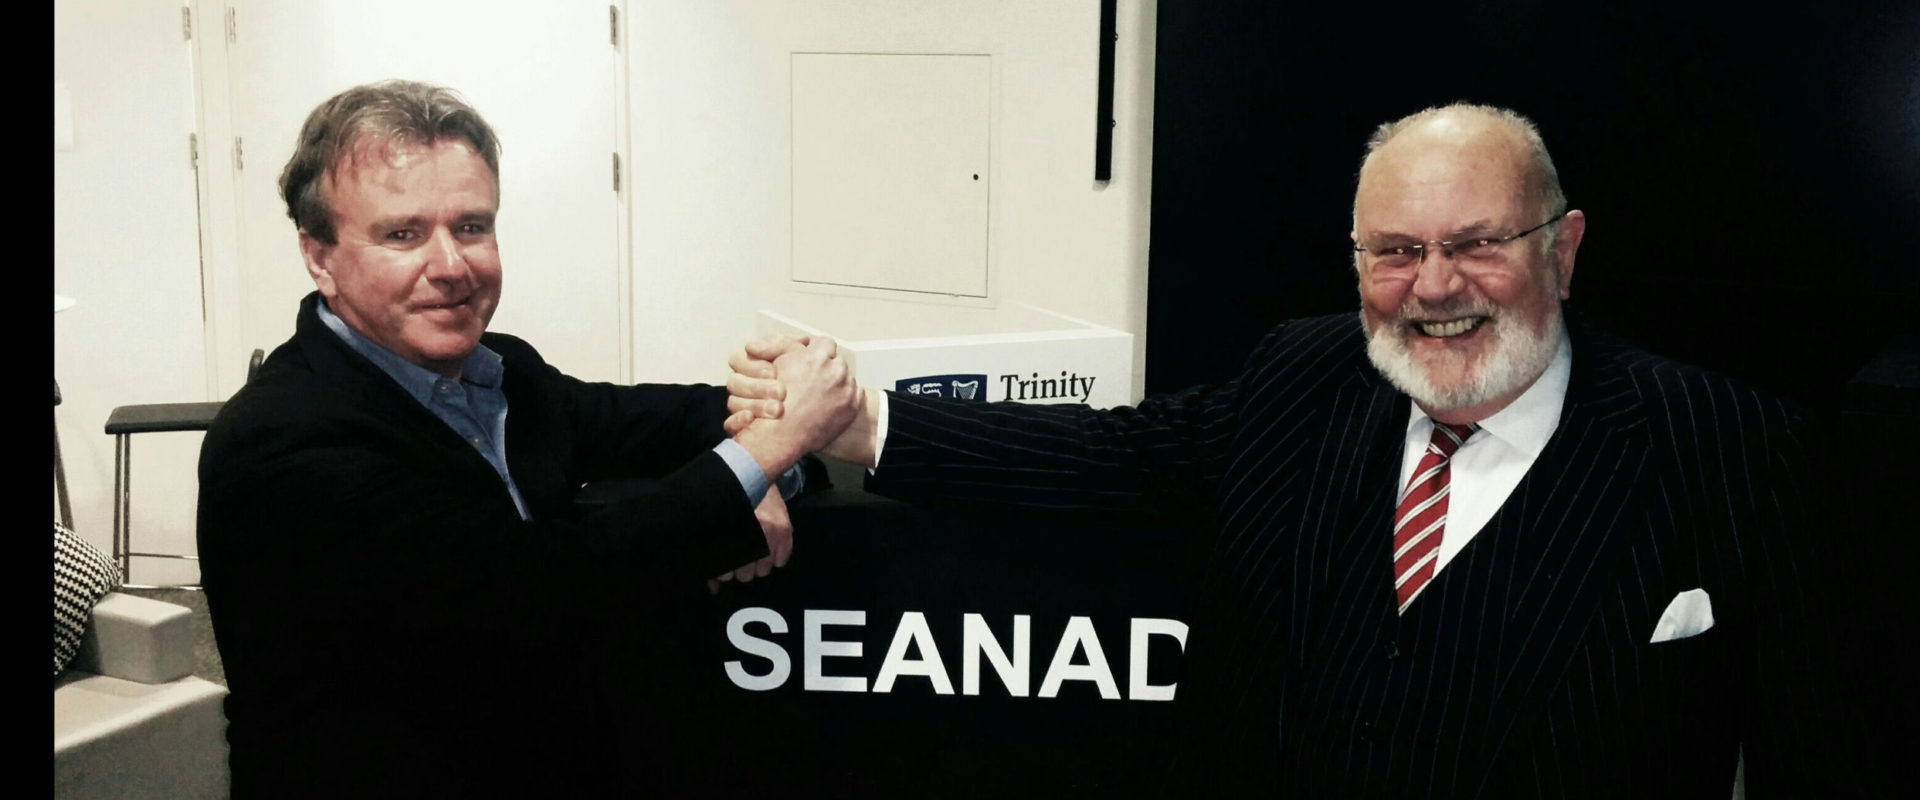 Tom Clonan and David Norris